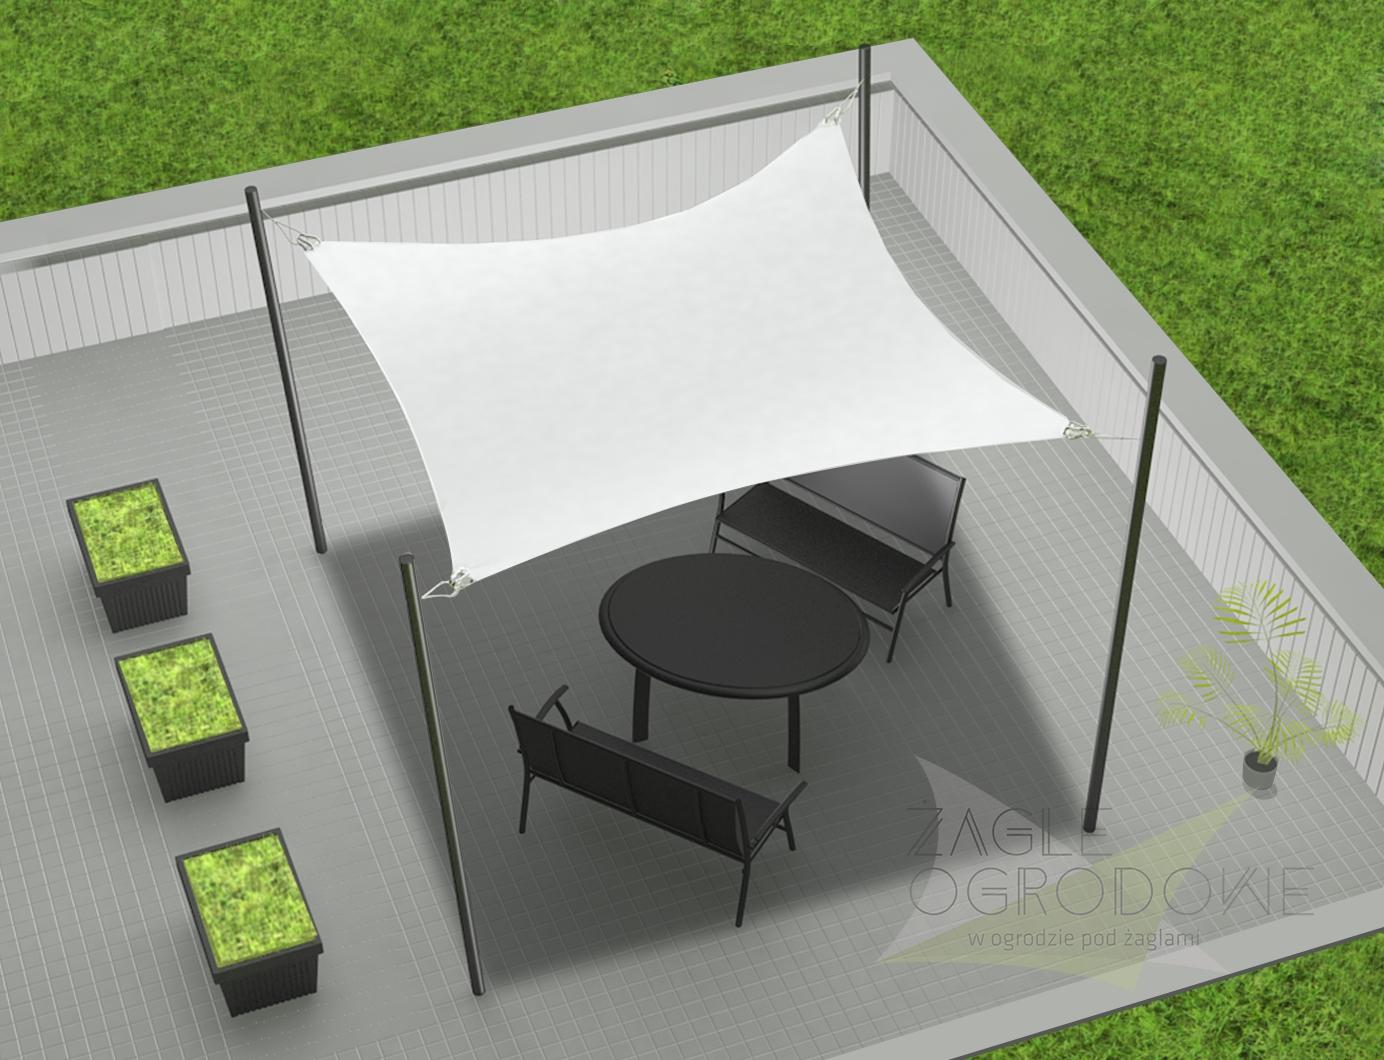 żagiel Standardowy Kwadrat 3 2x3 2m żagle Ogrodowe